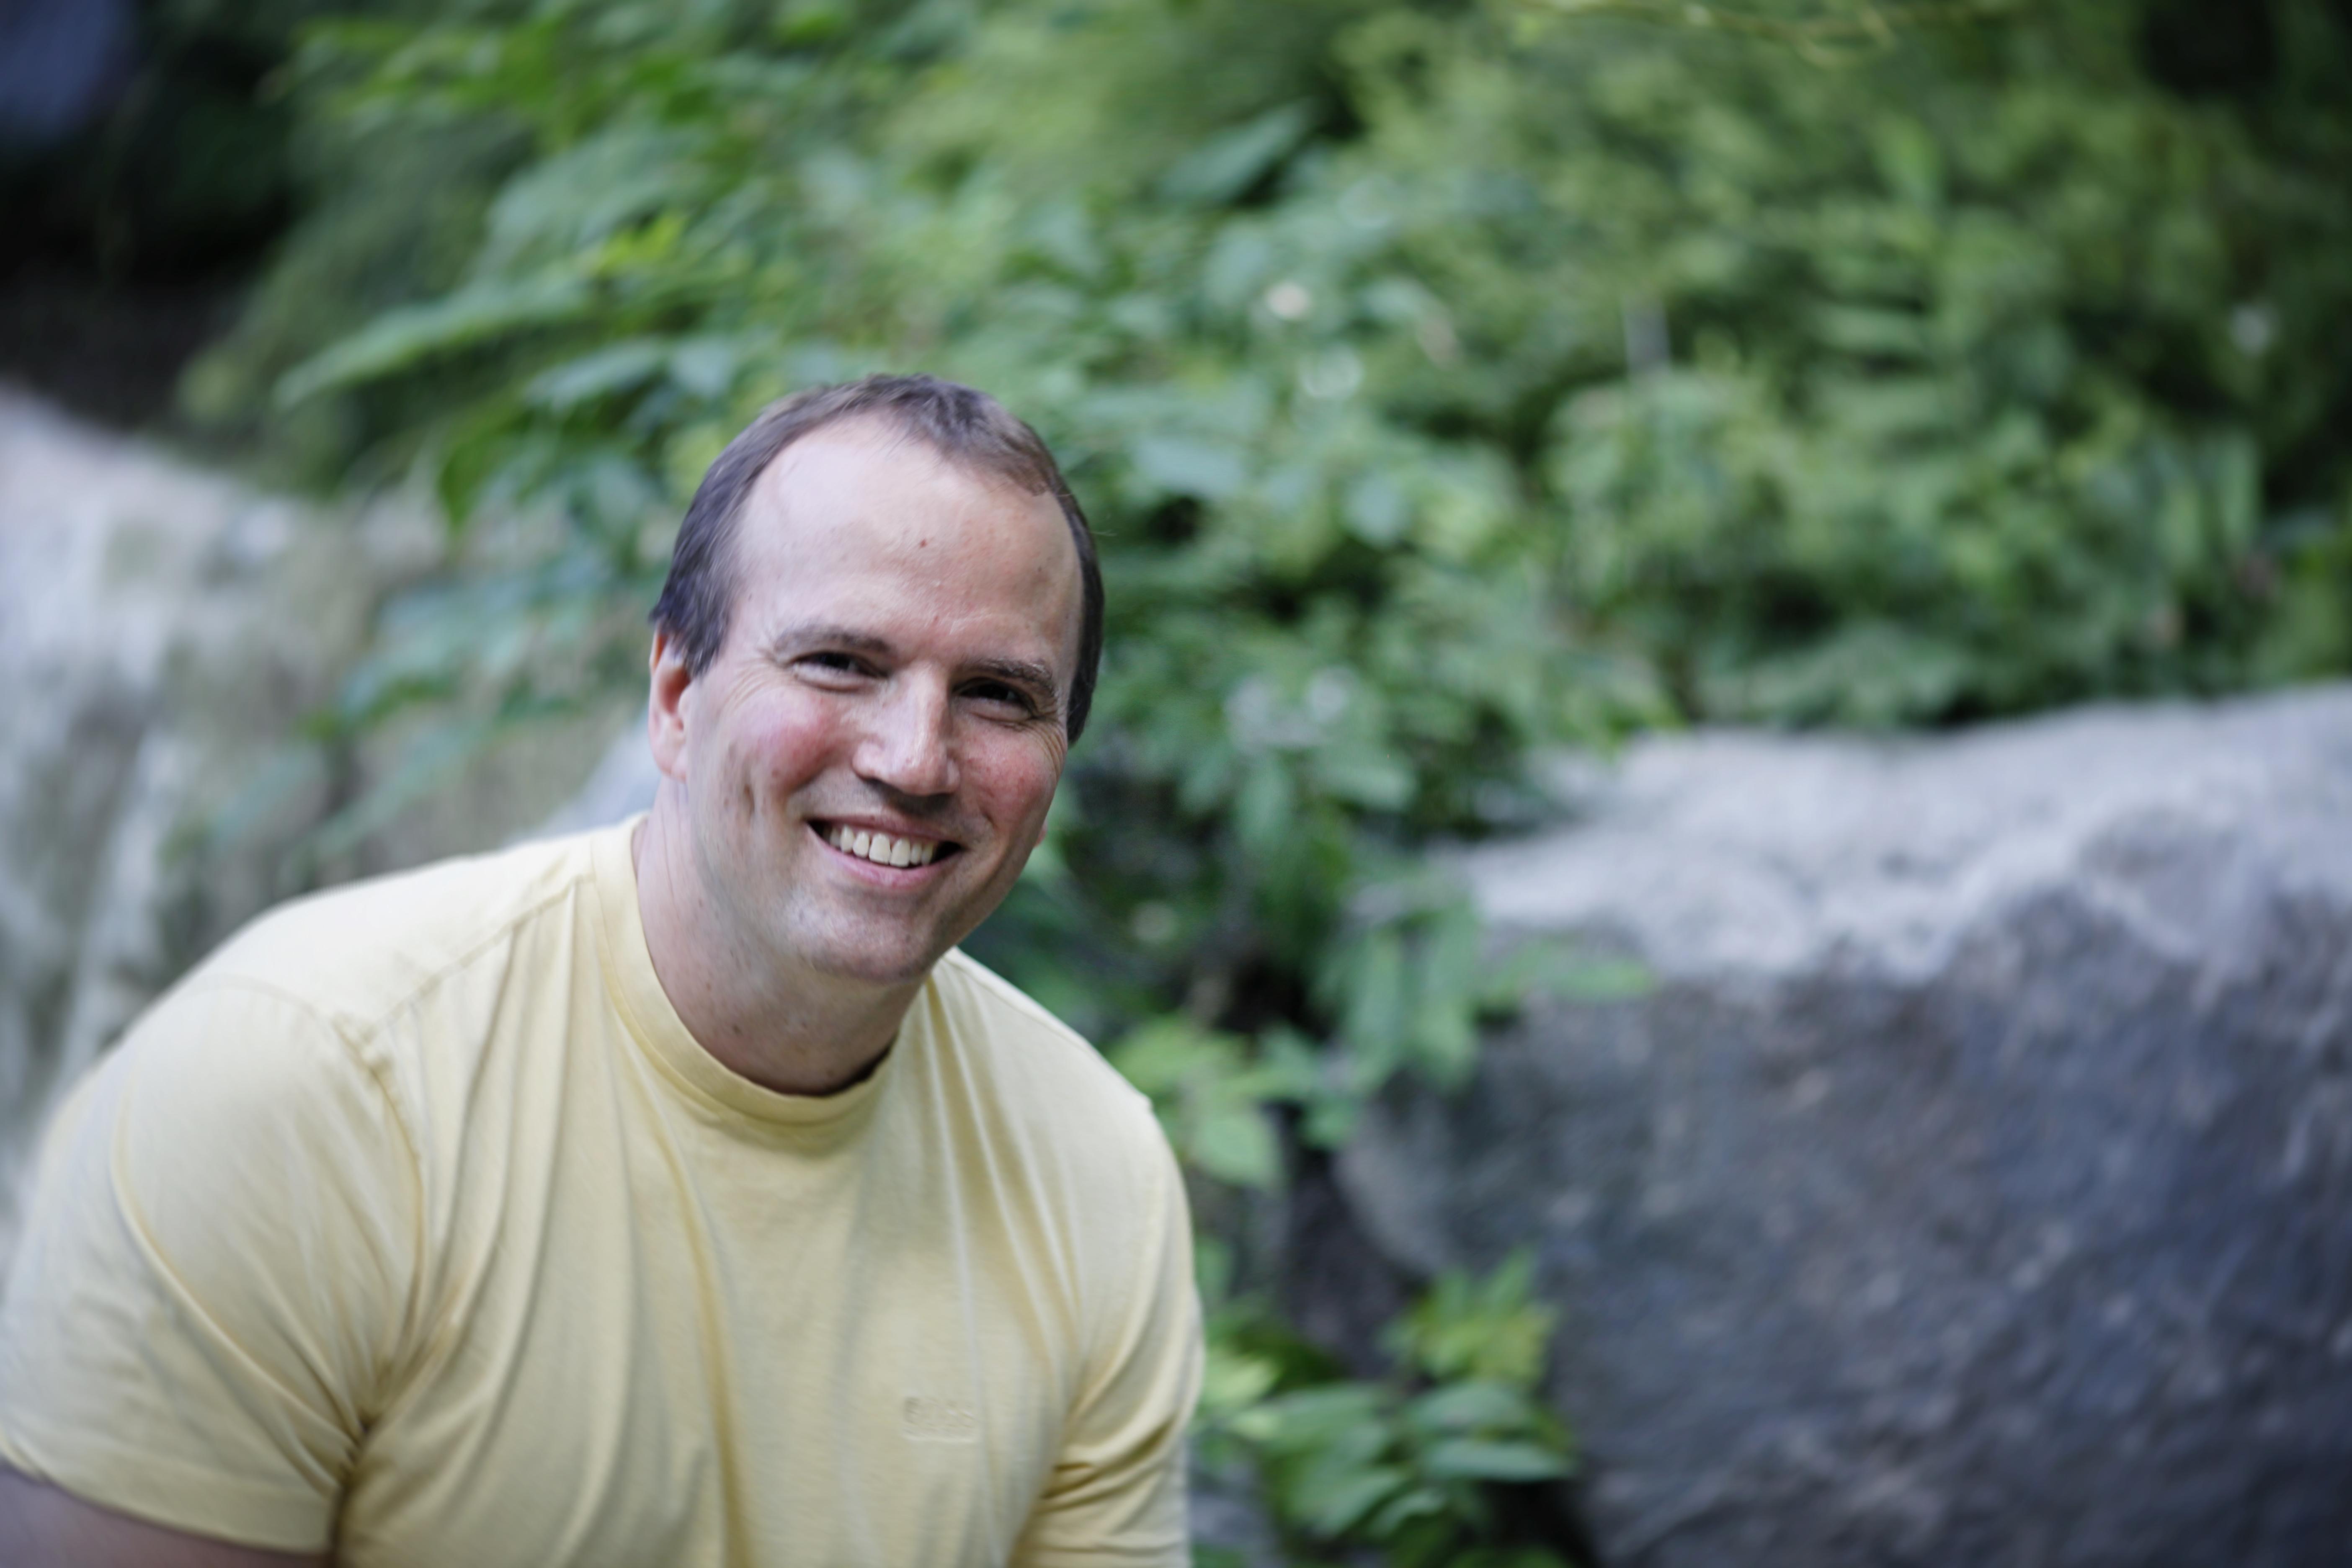 John Biggs, Founder of Optimum Health Vitamins & Optimum Naturals